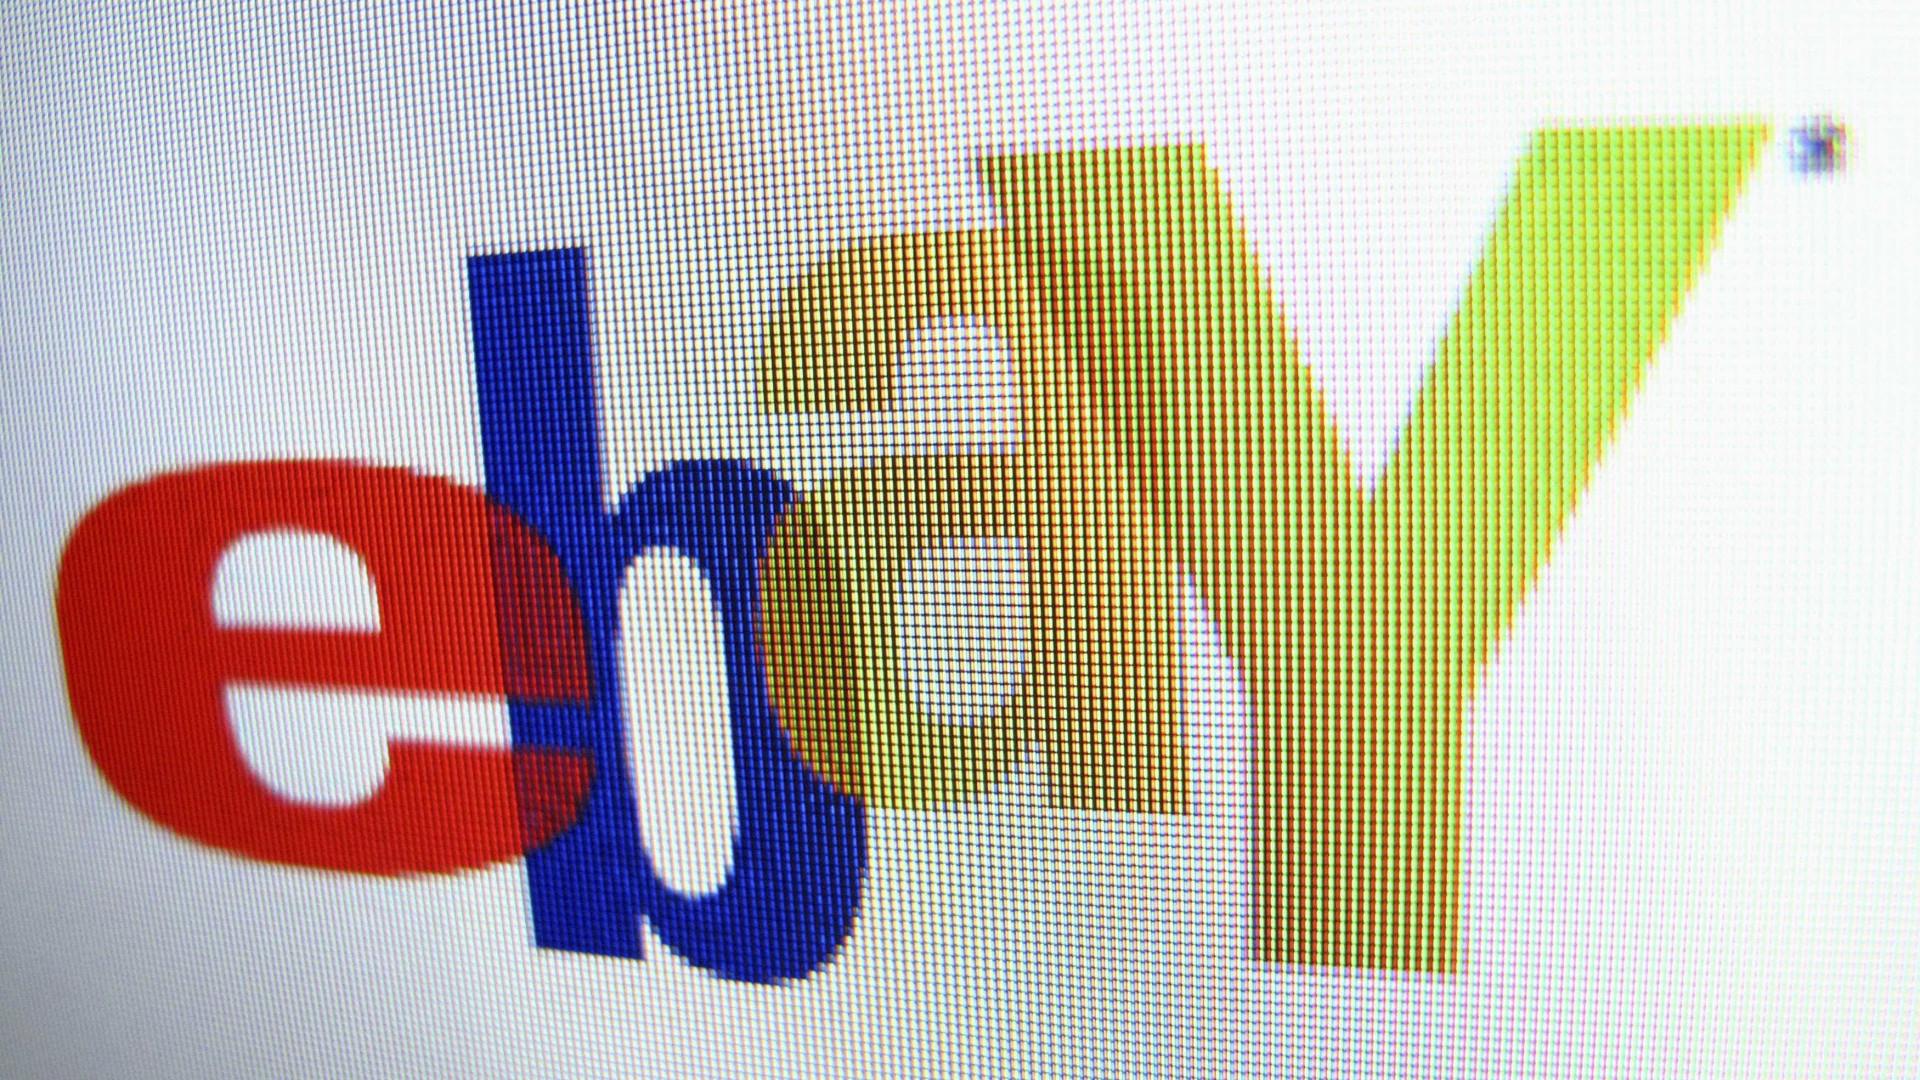 Ebay compra negócio espanhol de ingressos online